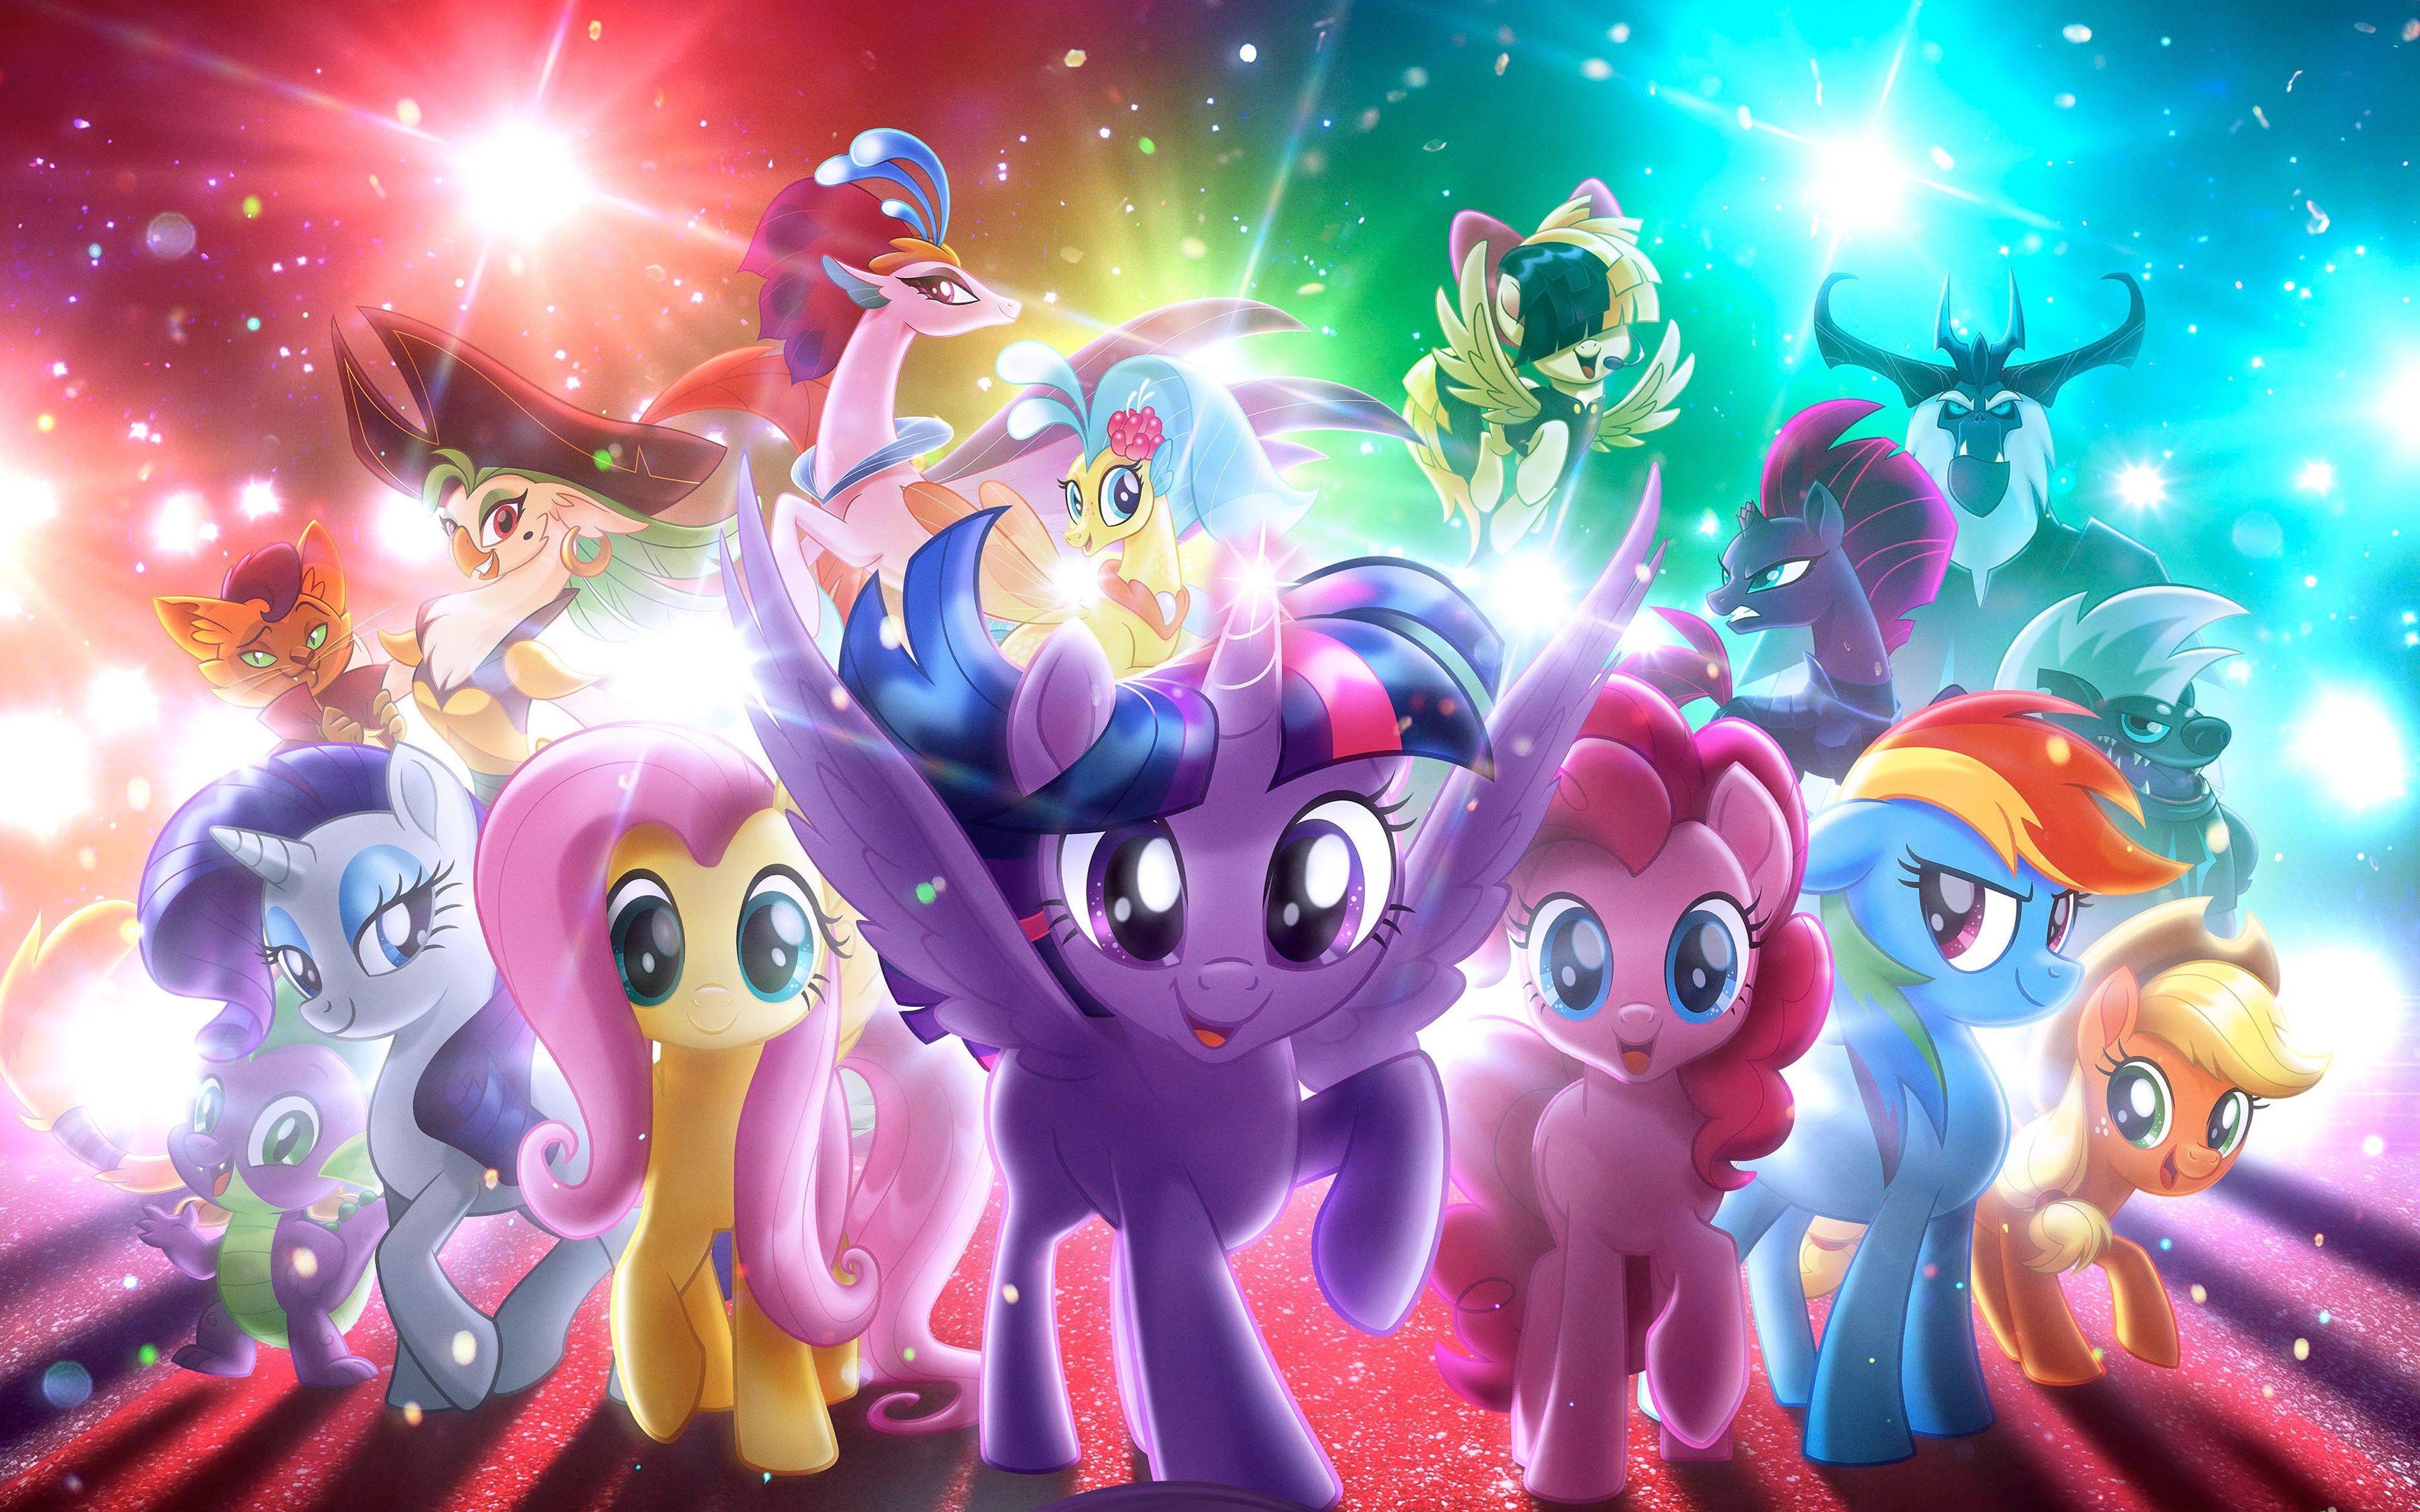 My Little Pony Wallpaper Hd - HD Wallpaper